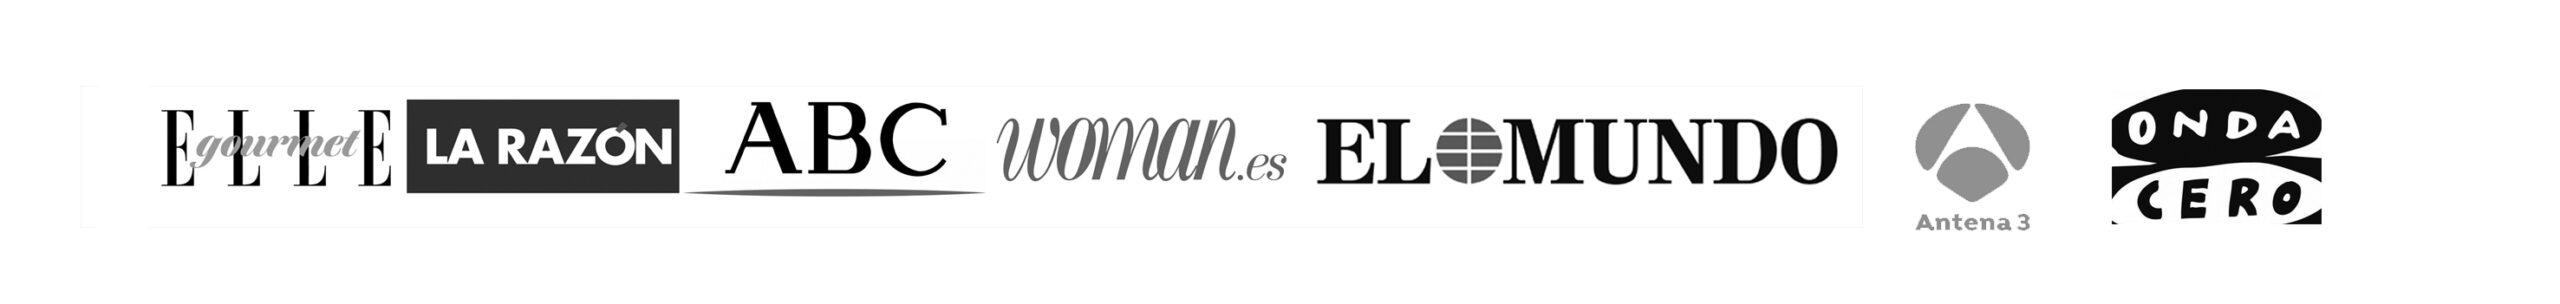 logos prensa 2